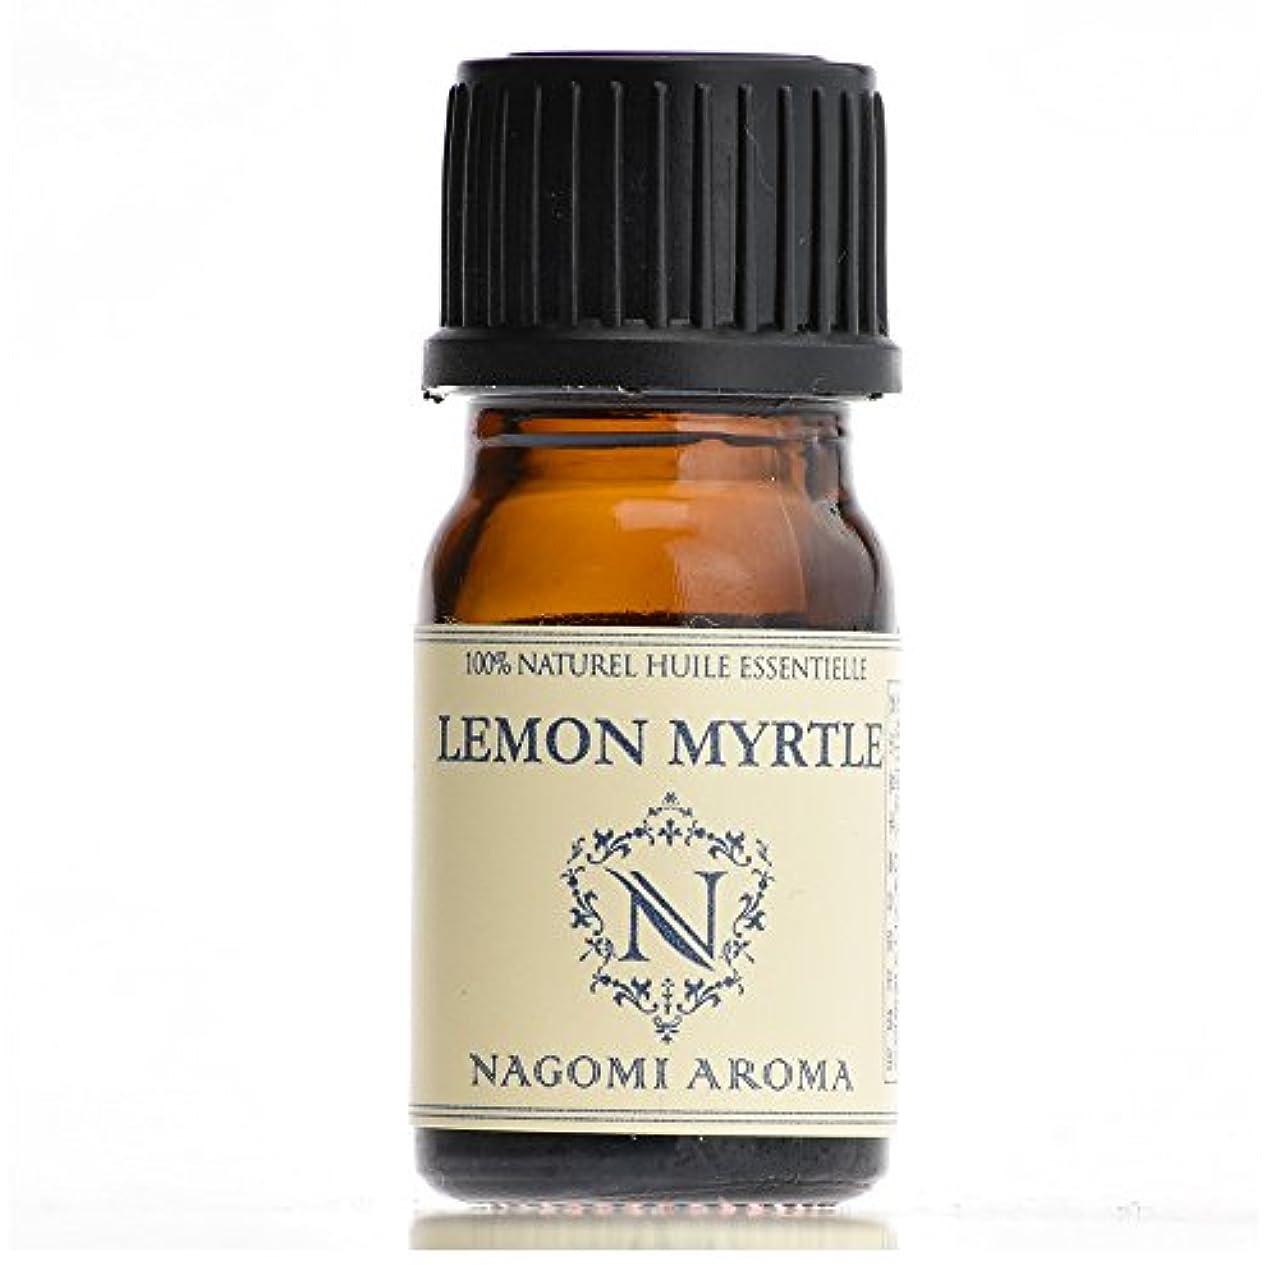 モナリザバラエティむしゃむしゃ【AEAJ認定表示基準認定精油】NAGOMI PURE レモンマートル 5ml 【エッセンシャルオイル】【精油】【アロマオイル】|CONVOILs